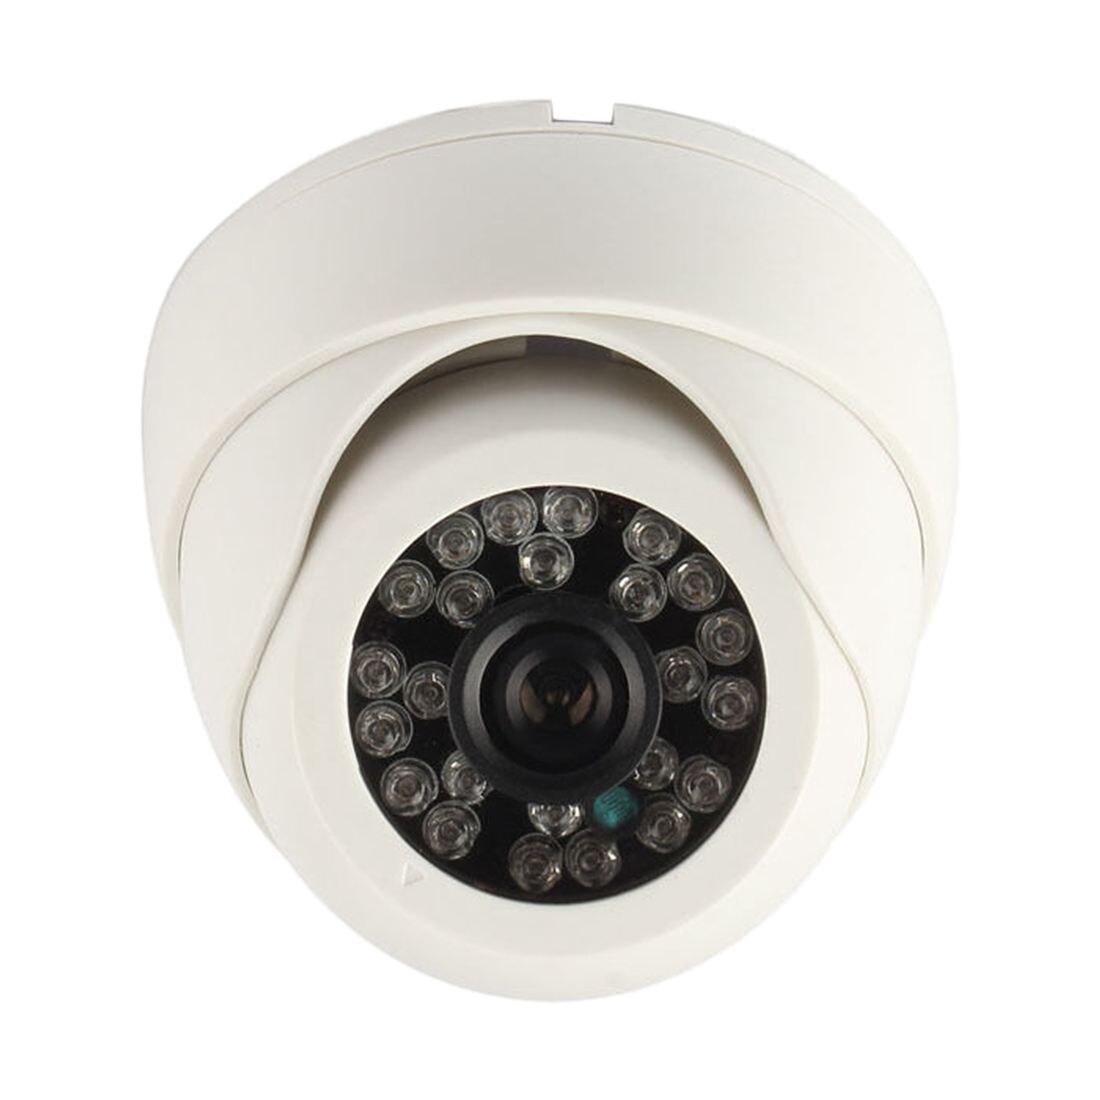 2 Packs 700TVL CMOS CCTV Surveillance Home Security 24IR Camera Dome Day Night VisionTelevision Standards:PAL 2 packs black surveillance camera pal 1 3 cmos 700tvl 24 led ir cut 3 6mm security indoor dome cctv camera